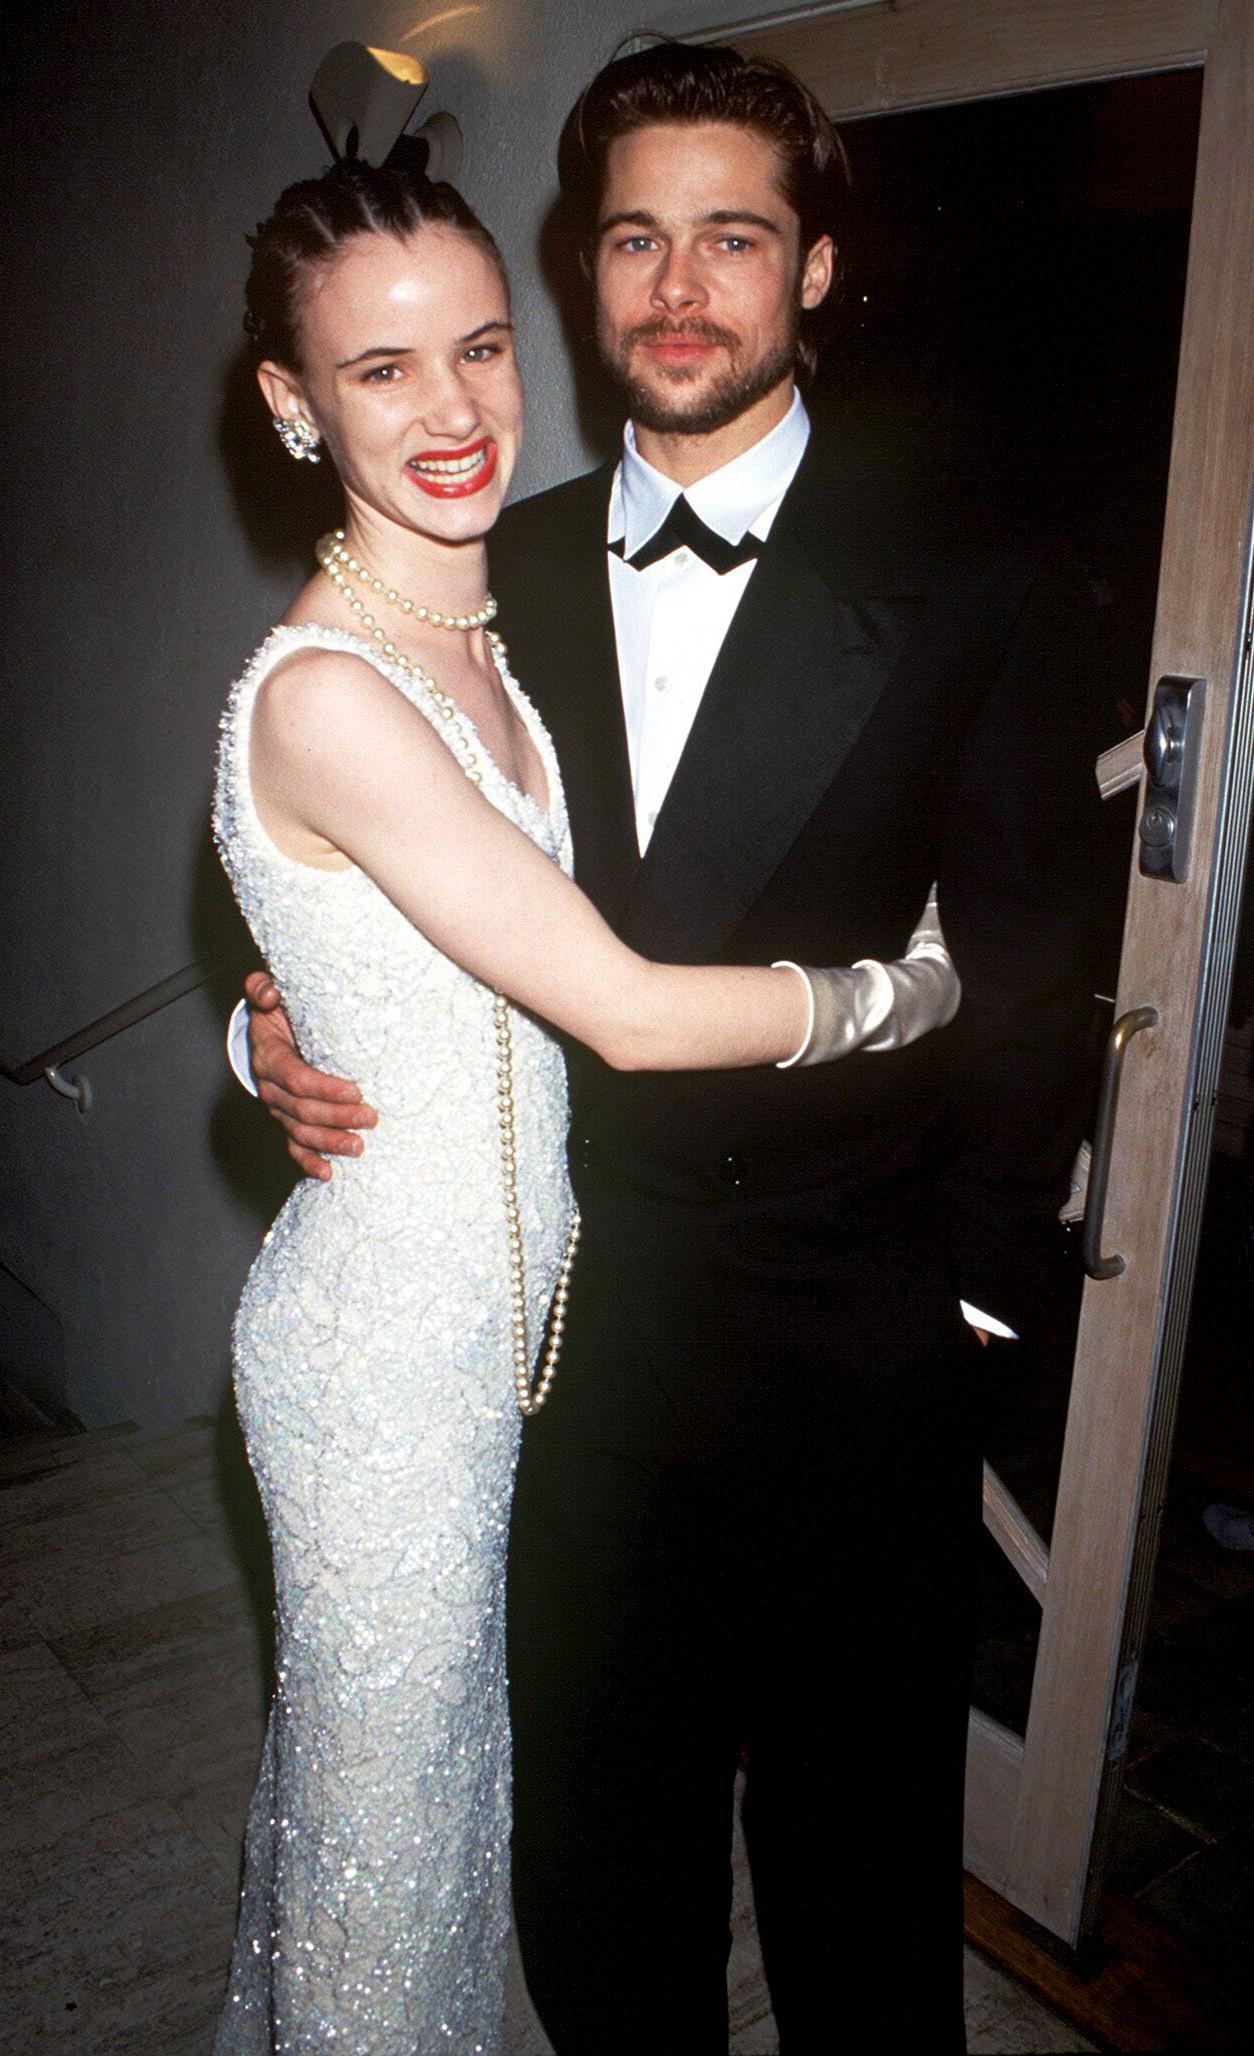 La primera mujer con la que Brad Pitt paseó por la alfombra roja de los Oscar fue Juliette Lewis, que estaba nominada como mejor actriz de reparto por la película